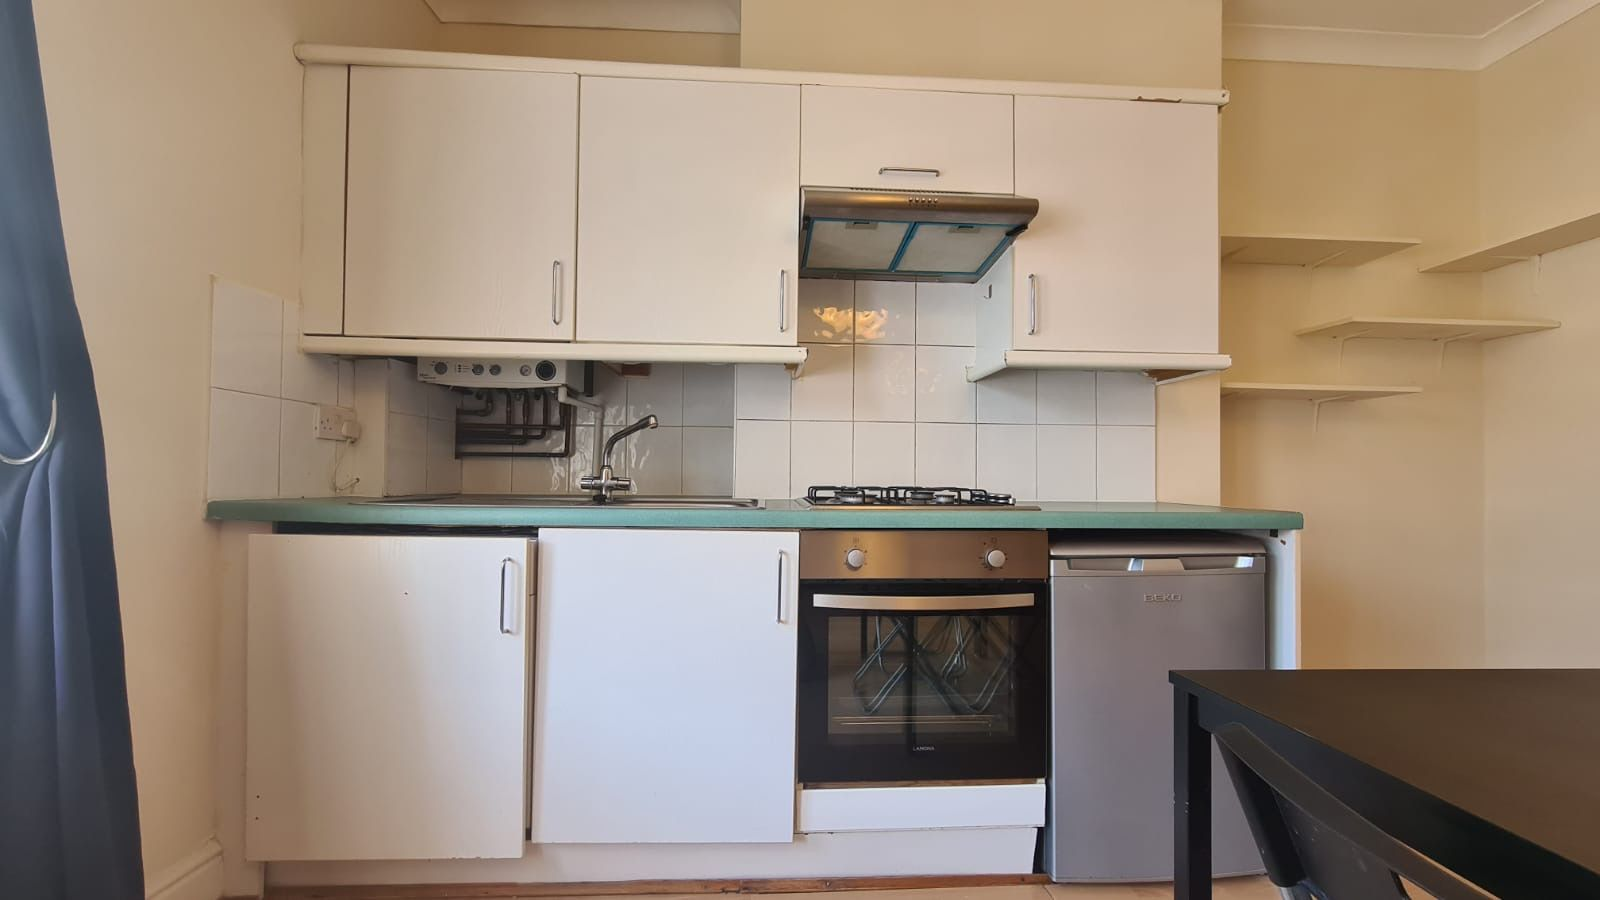 1 bedroom studio flat/apartment Let in Willesden Green - Kitchen